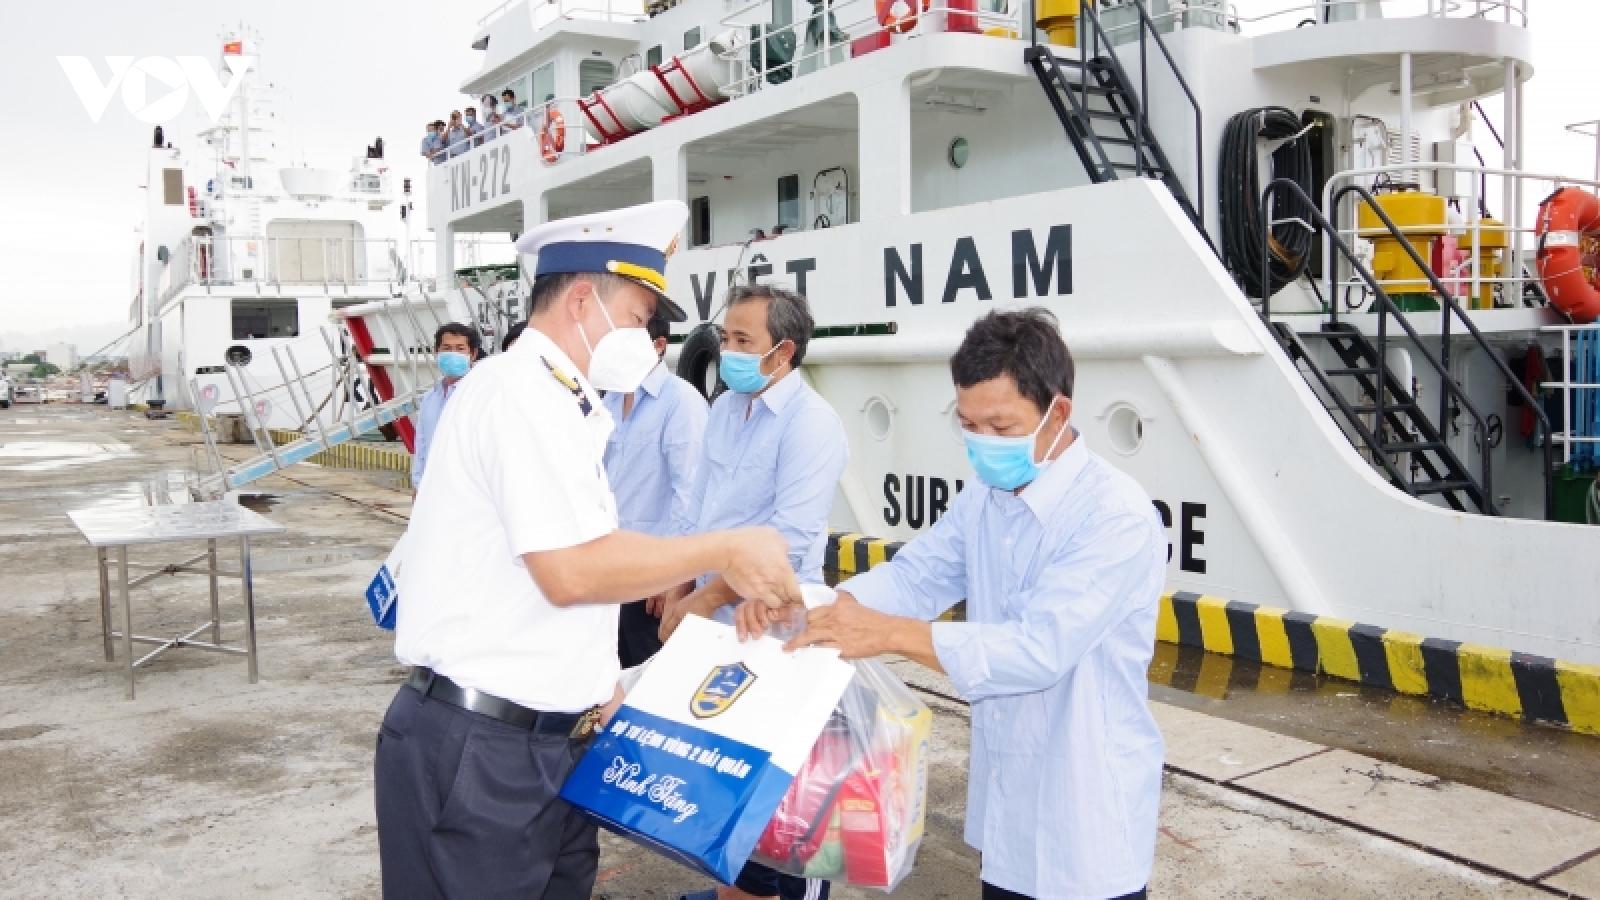 Tàu 272, Vùng 2 Hải quân đưa ngư dân cứu nạn về đến Vũng Tàu